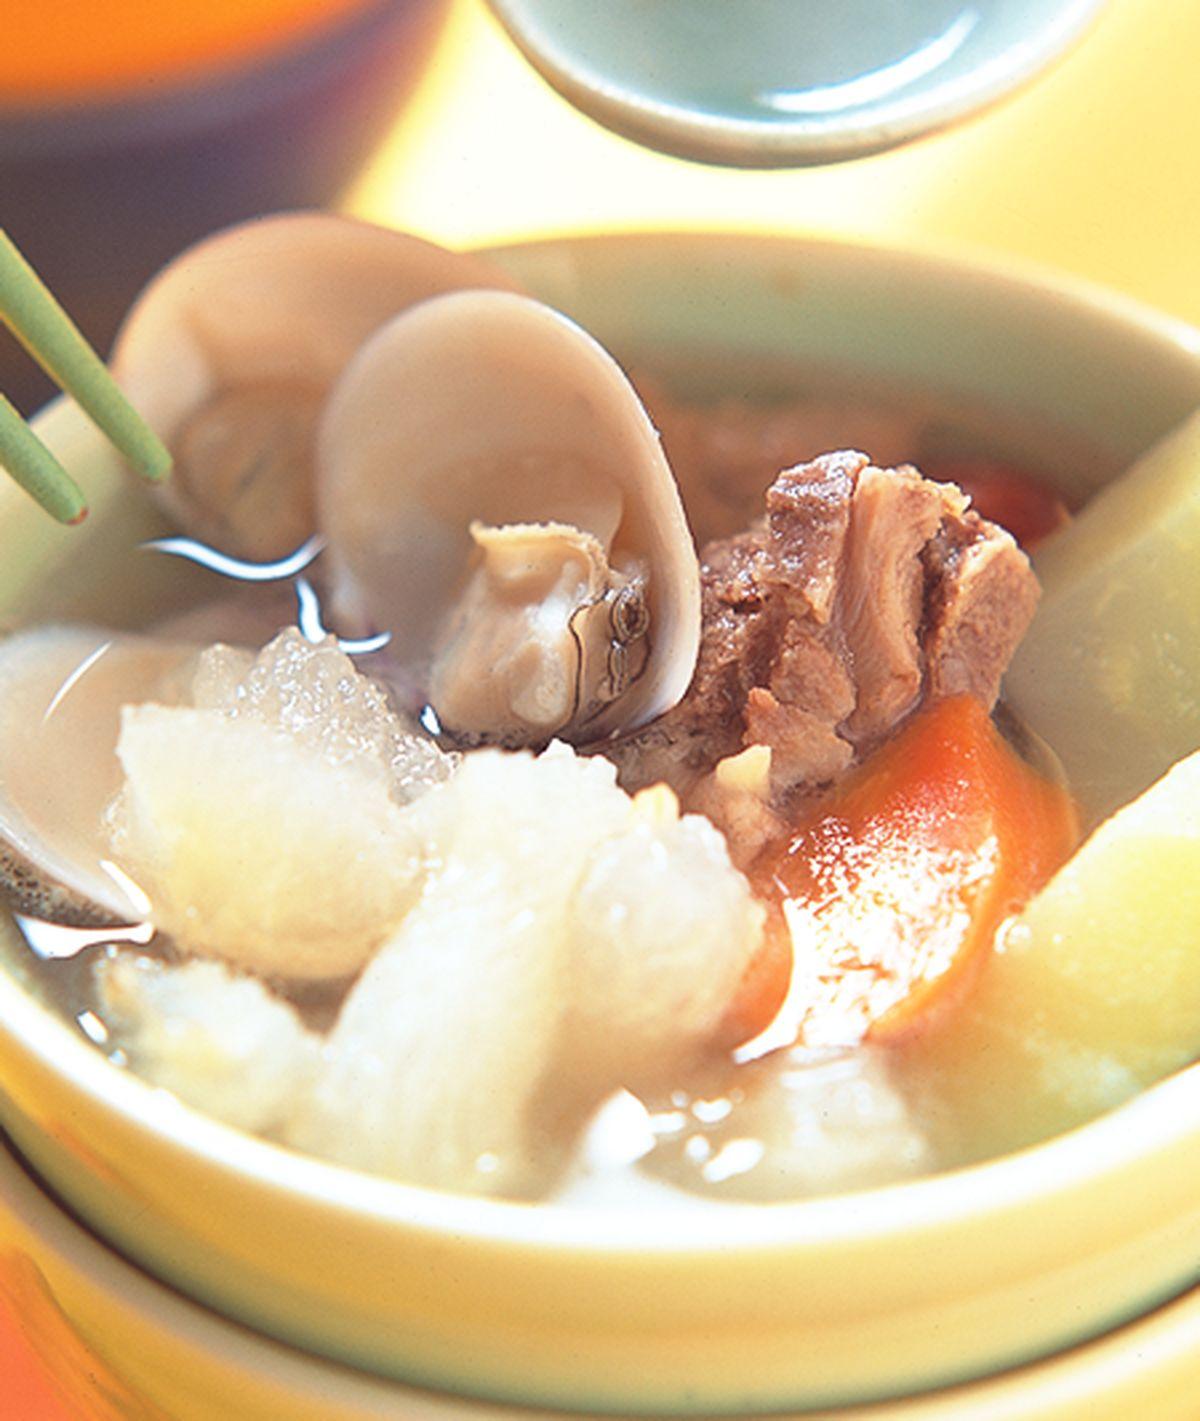 食譜:蹄筋瓜蚌湯